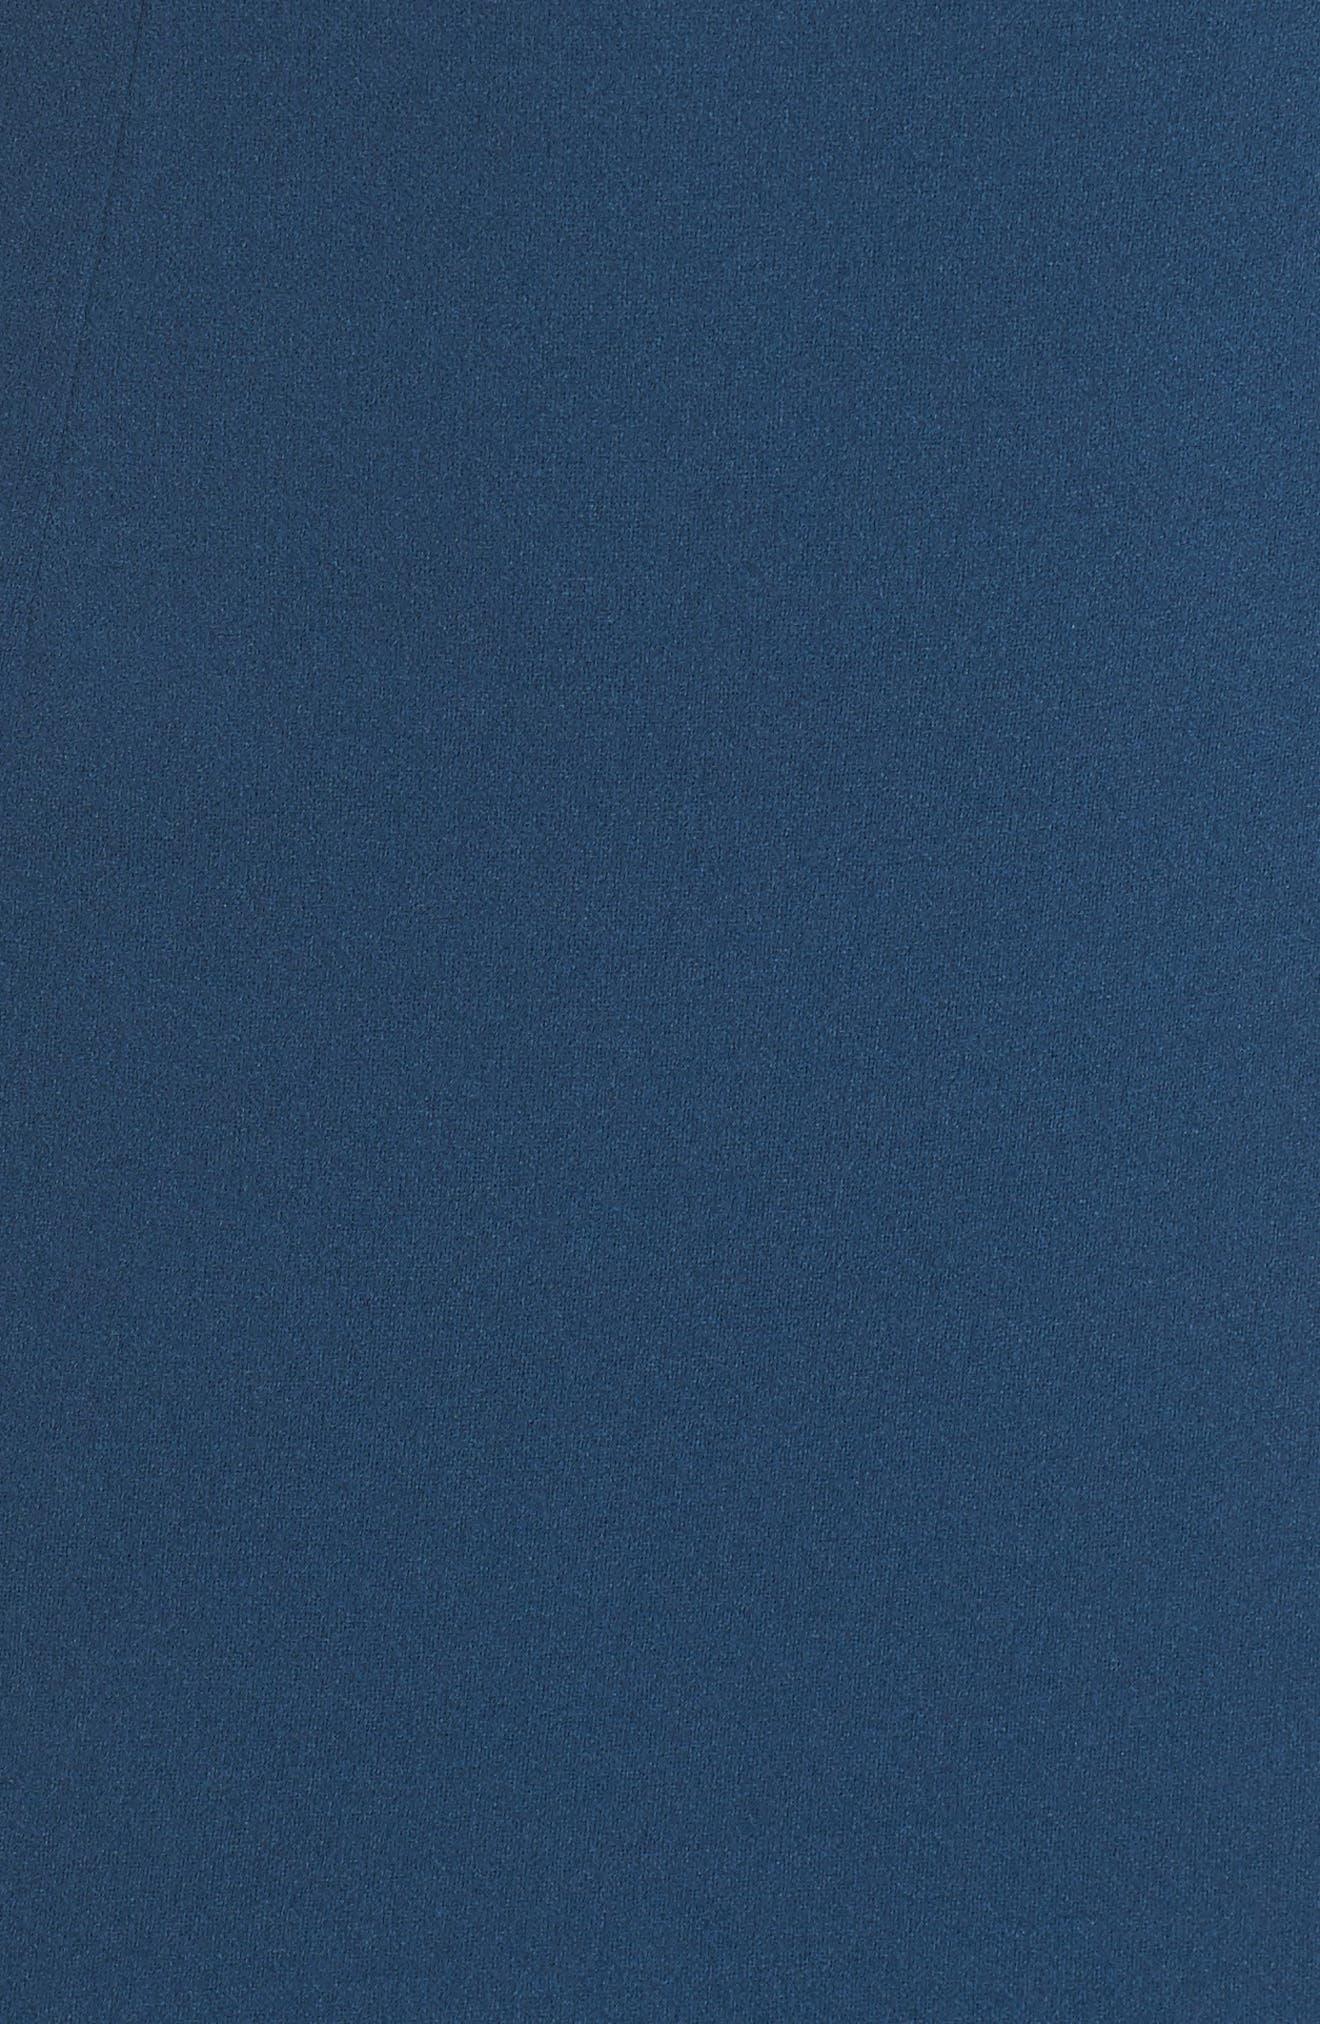 Vionnet Drape Back Crepe Gown,                             Alternate thumbnail 5, color,                             TEAL